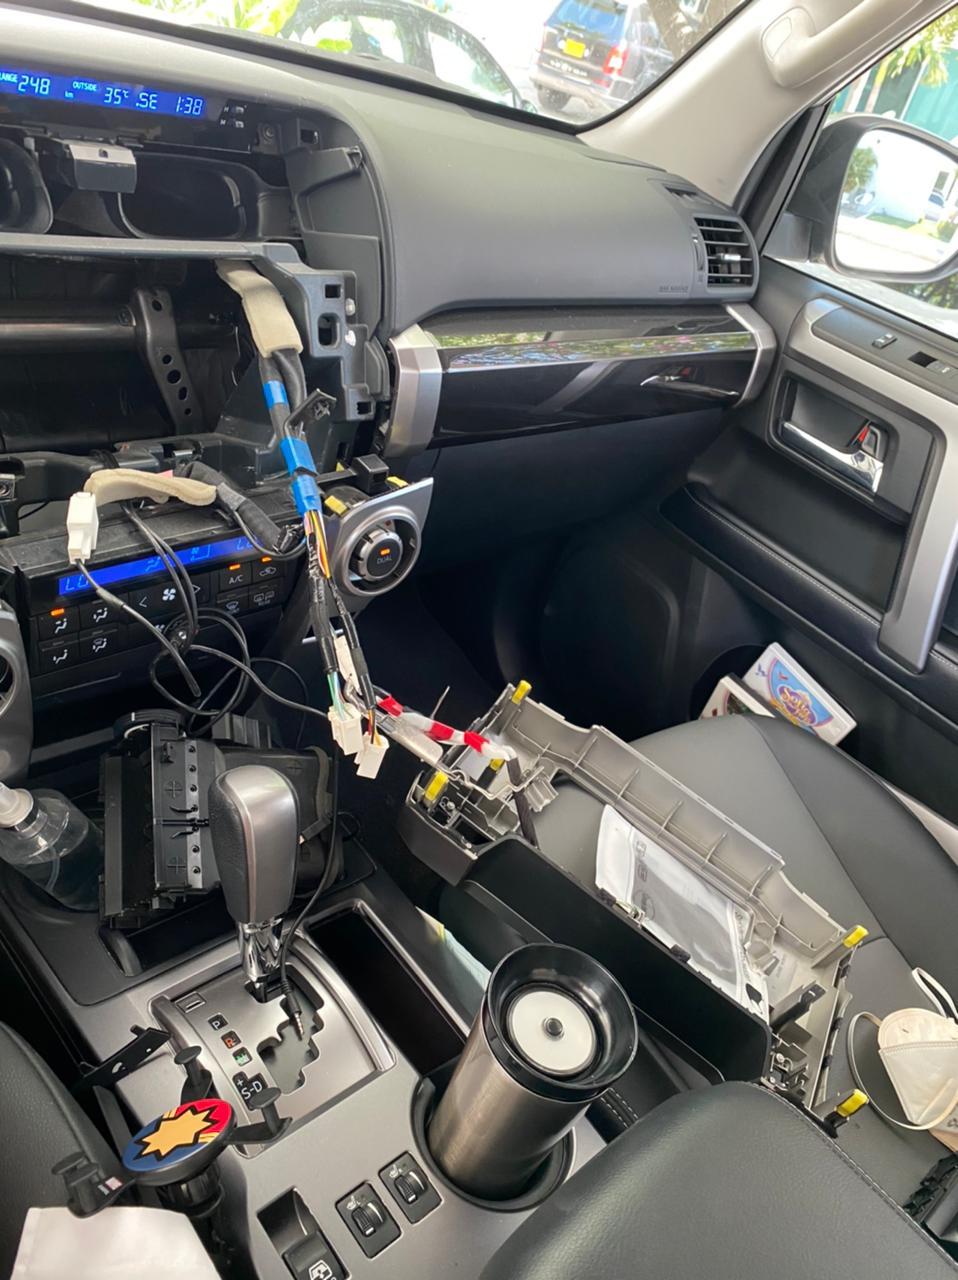 Robaron todo el panel central del carro.